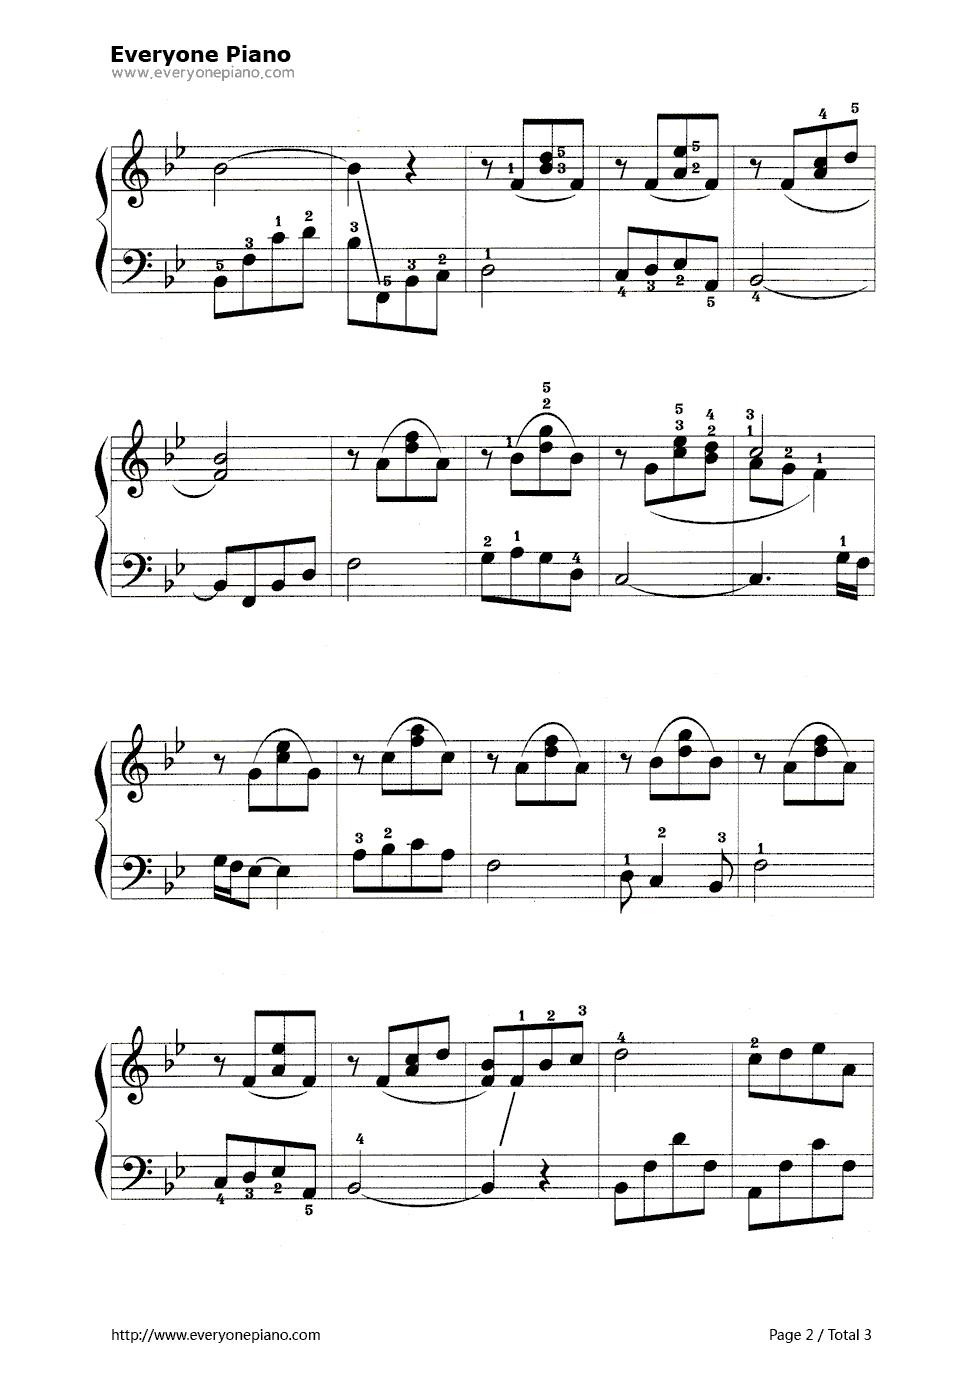 钢琴曲谱 练习曲 当孩子出生时 当孩子出生时五线谱预览2  }  仅供